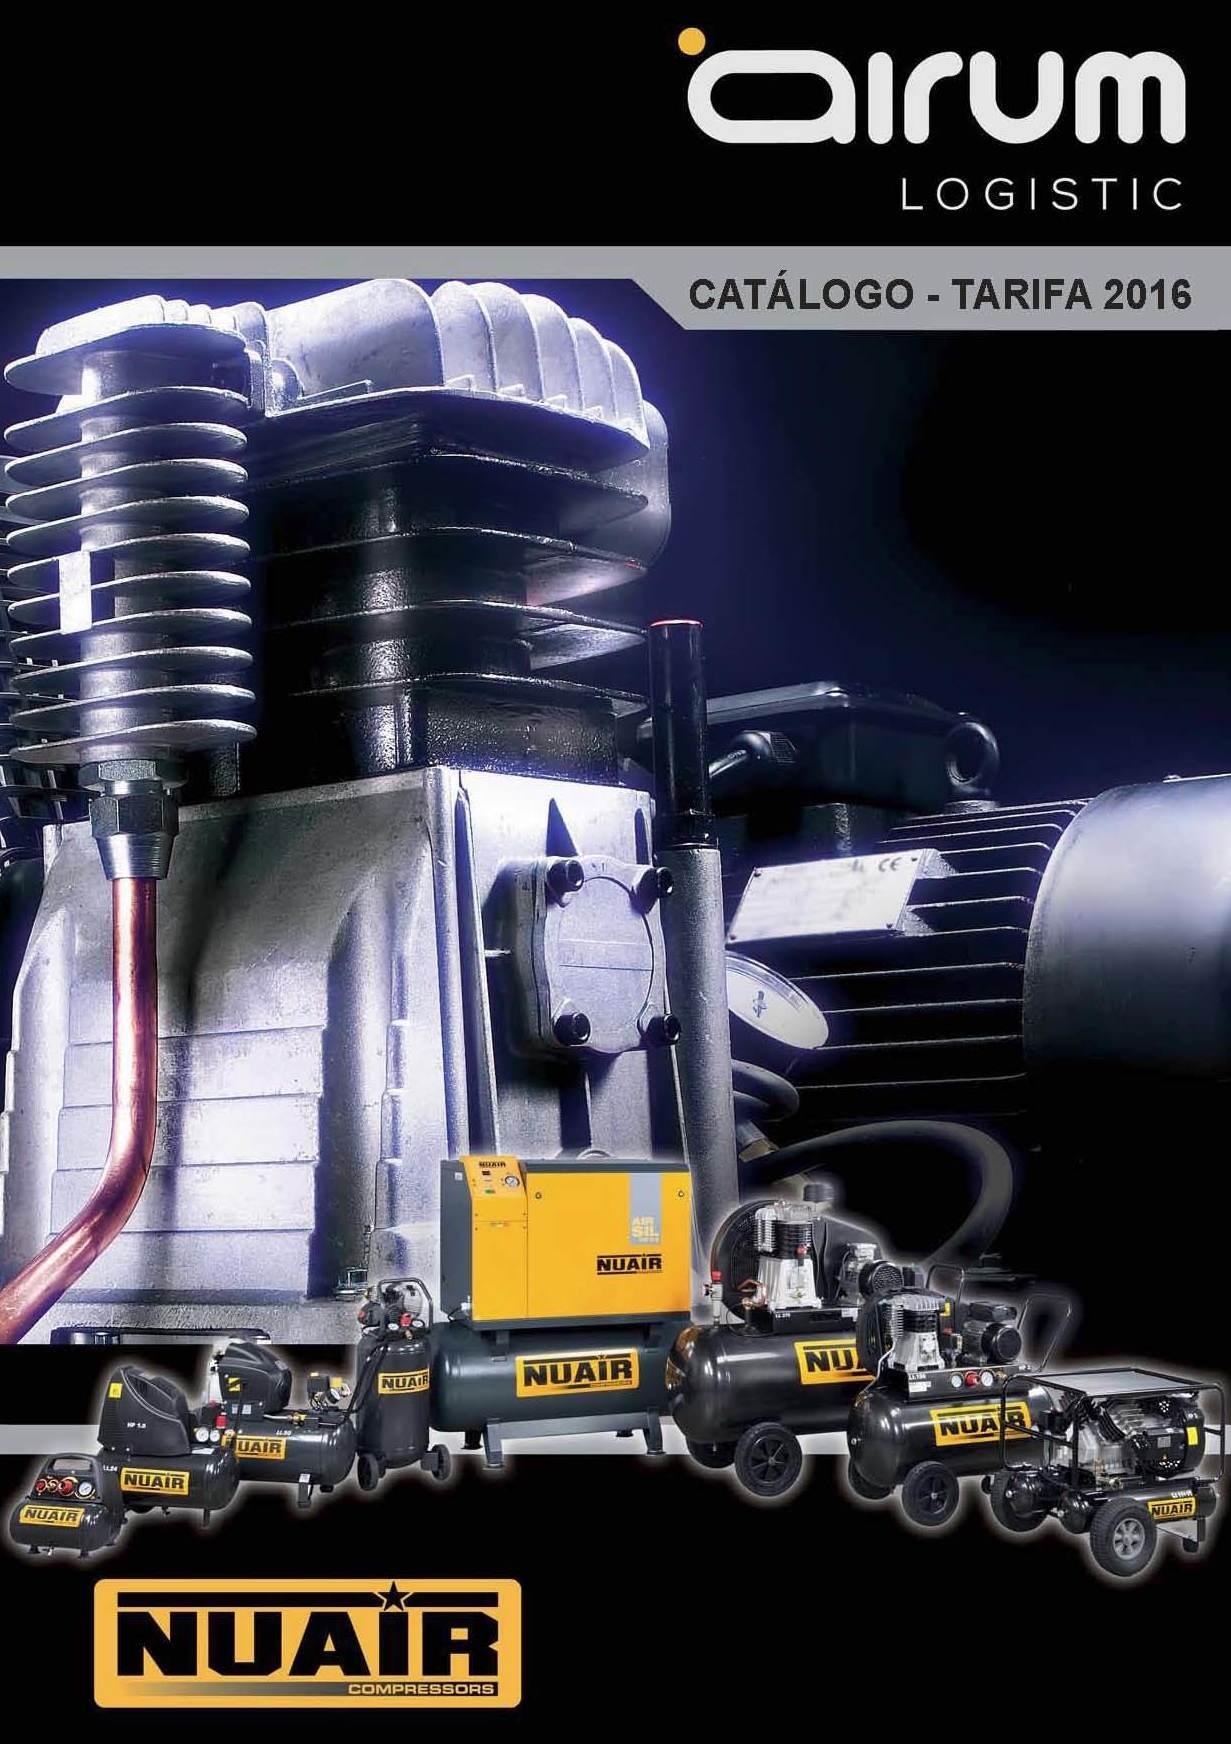 Portada catálogo-tarifa 2016 Airum Nu Air